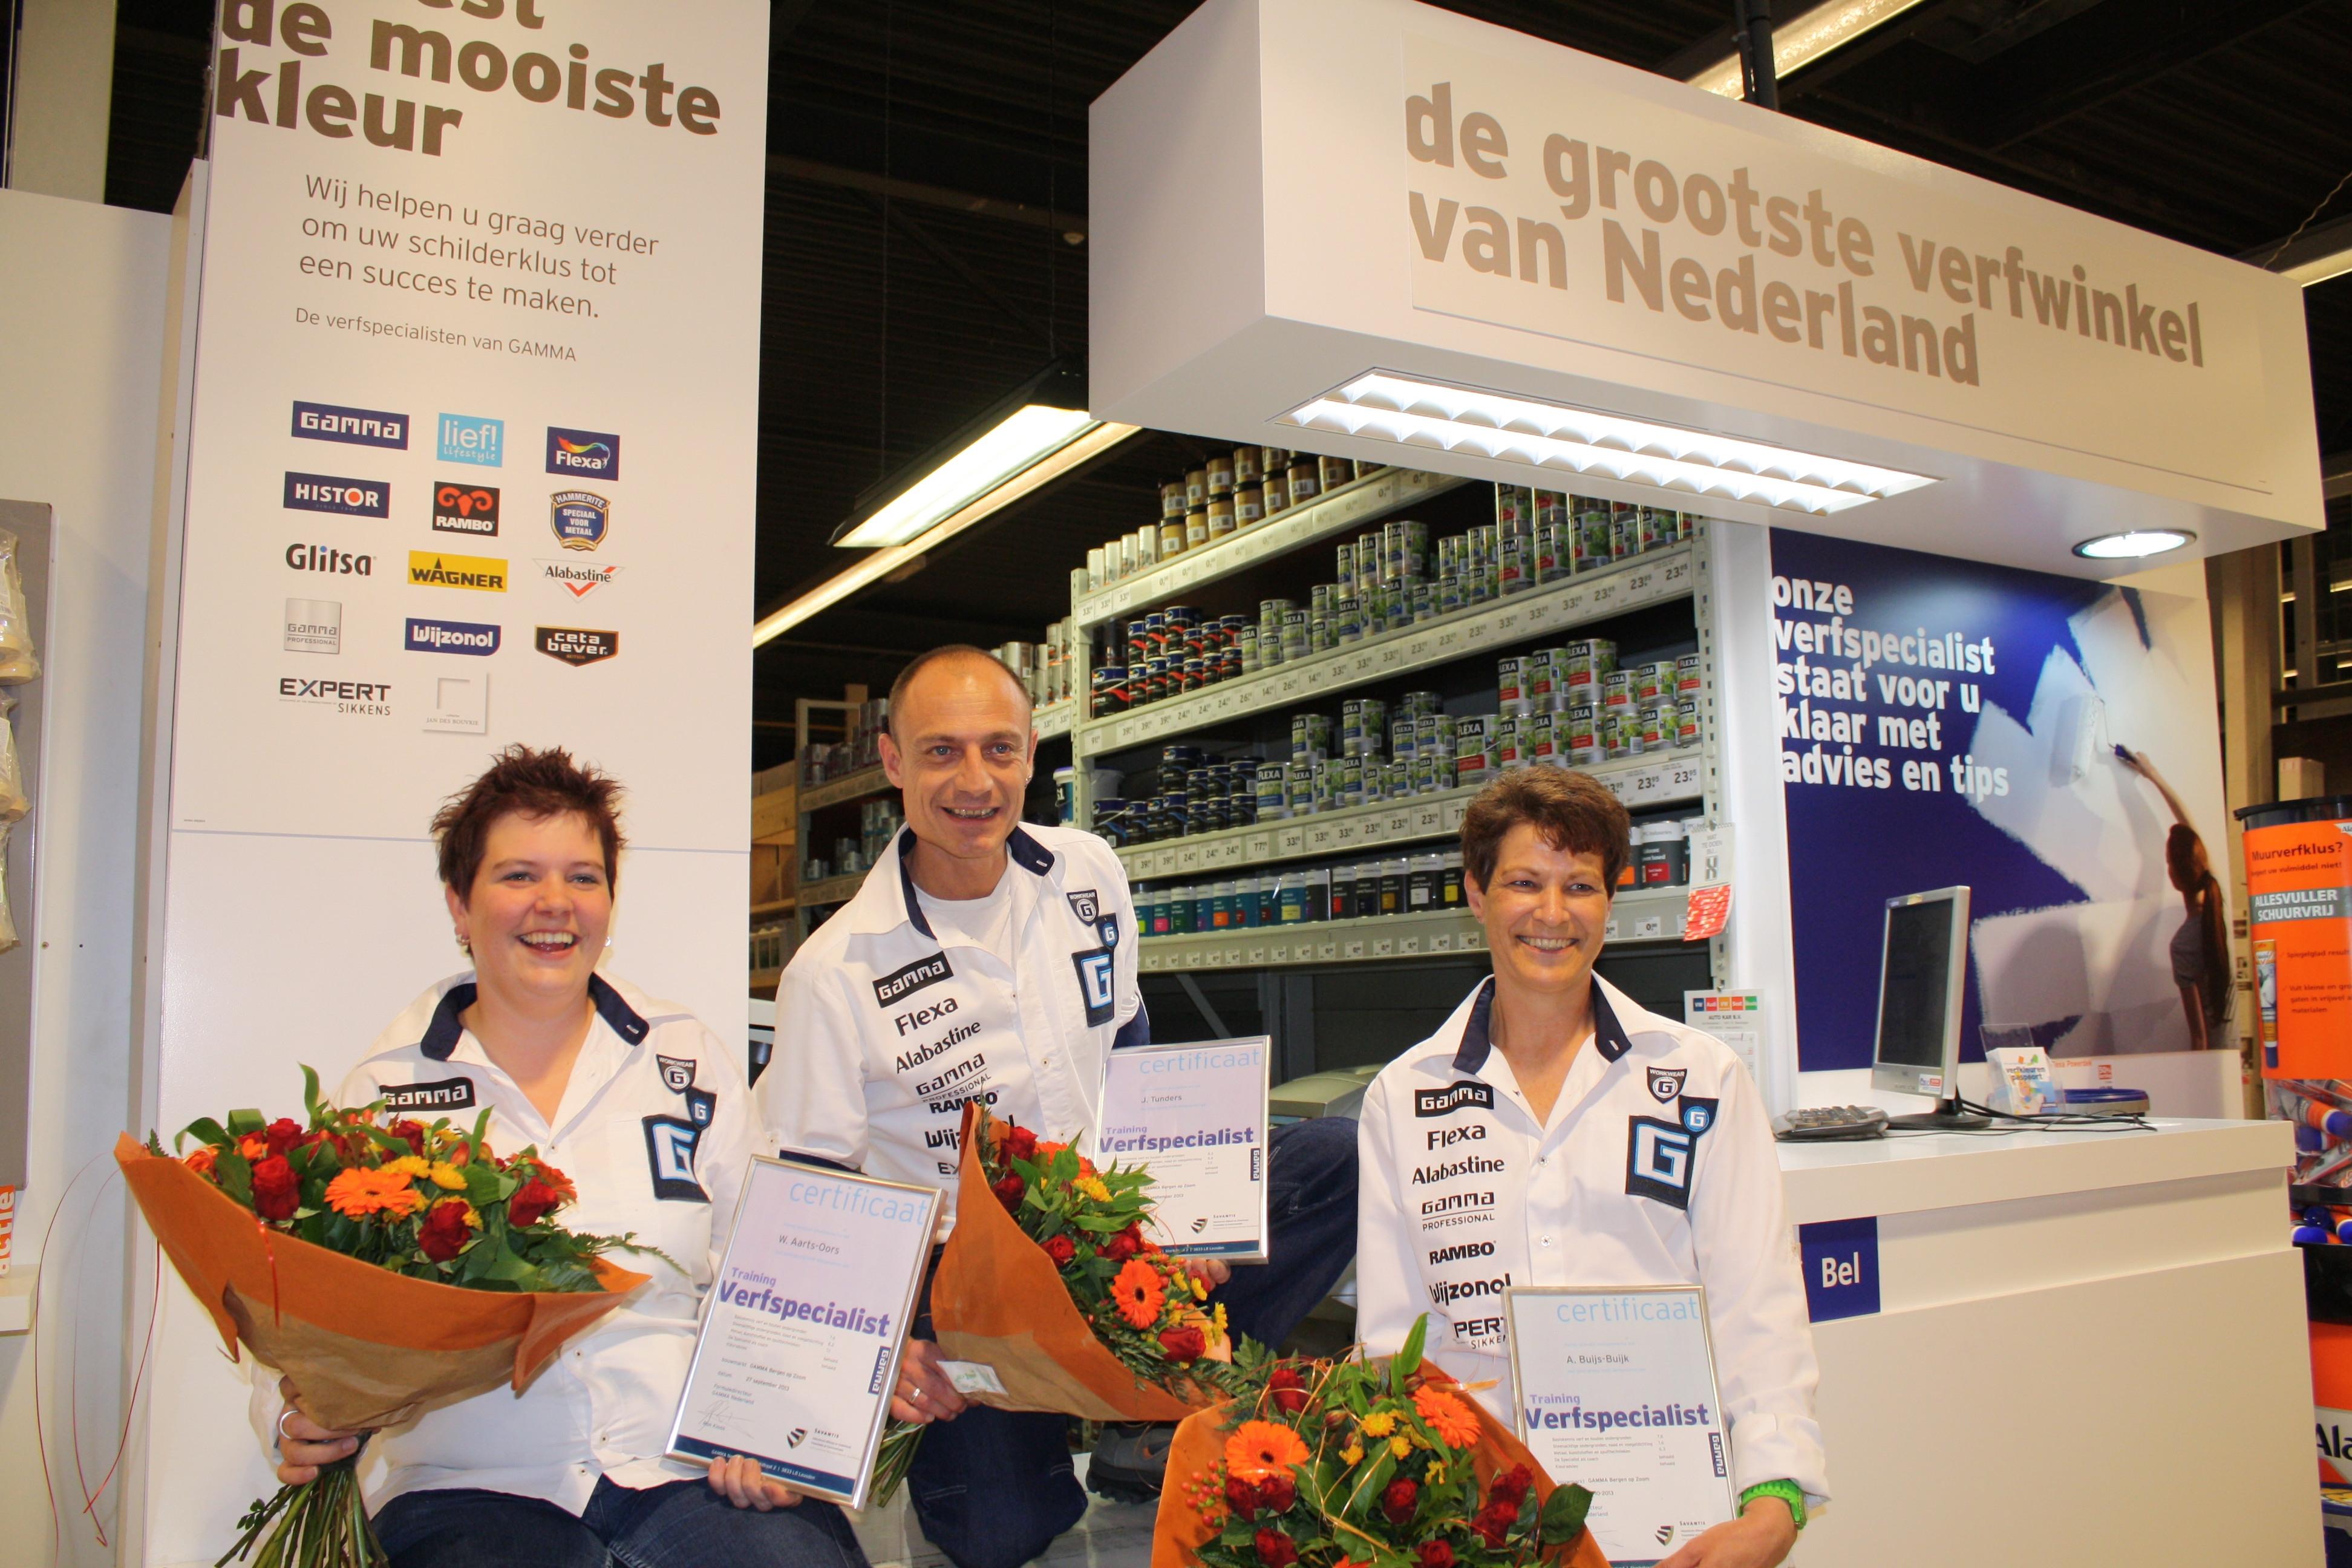 Gamma Bergen Op Zoom.Gamma Bergen Op Zoom De Grootste Verfwinkel Van Nederland